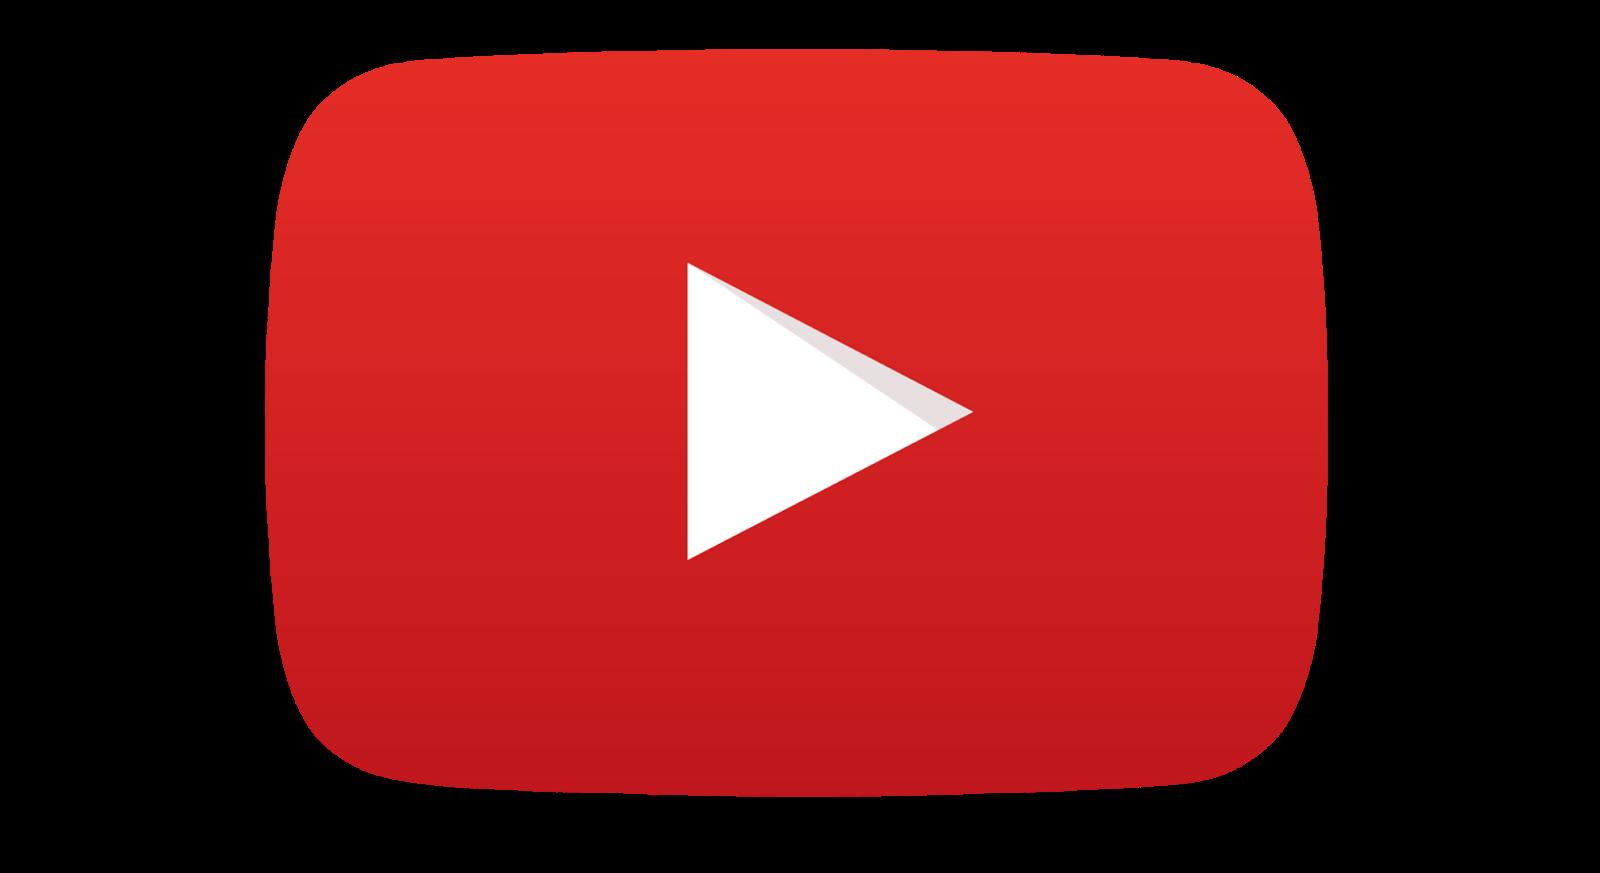 """Résultat de recherche d'images pour """"logo youtube png"""""""